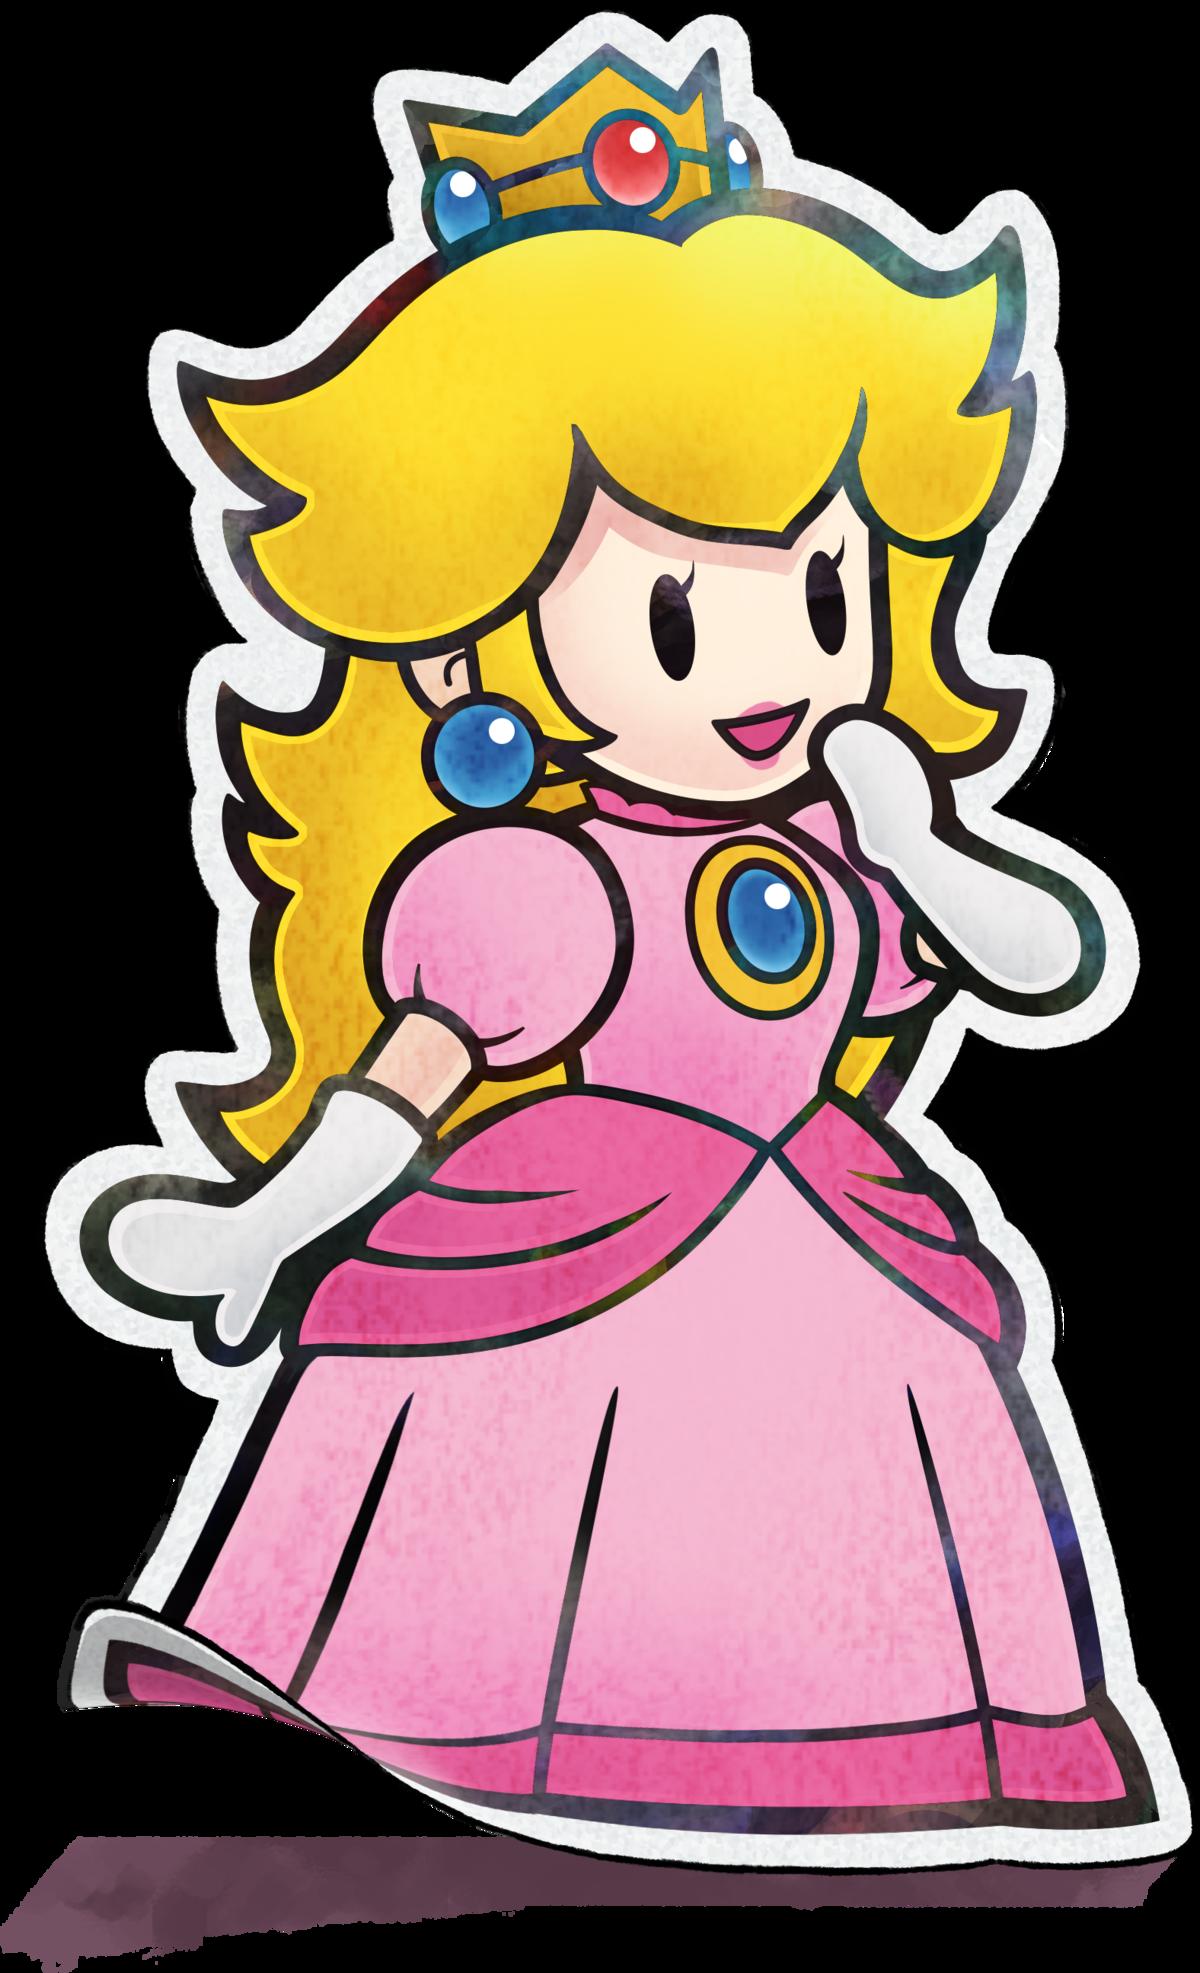 Mario wiki peach